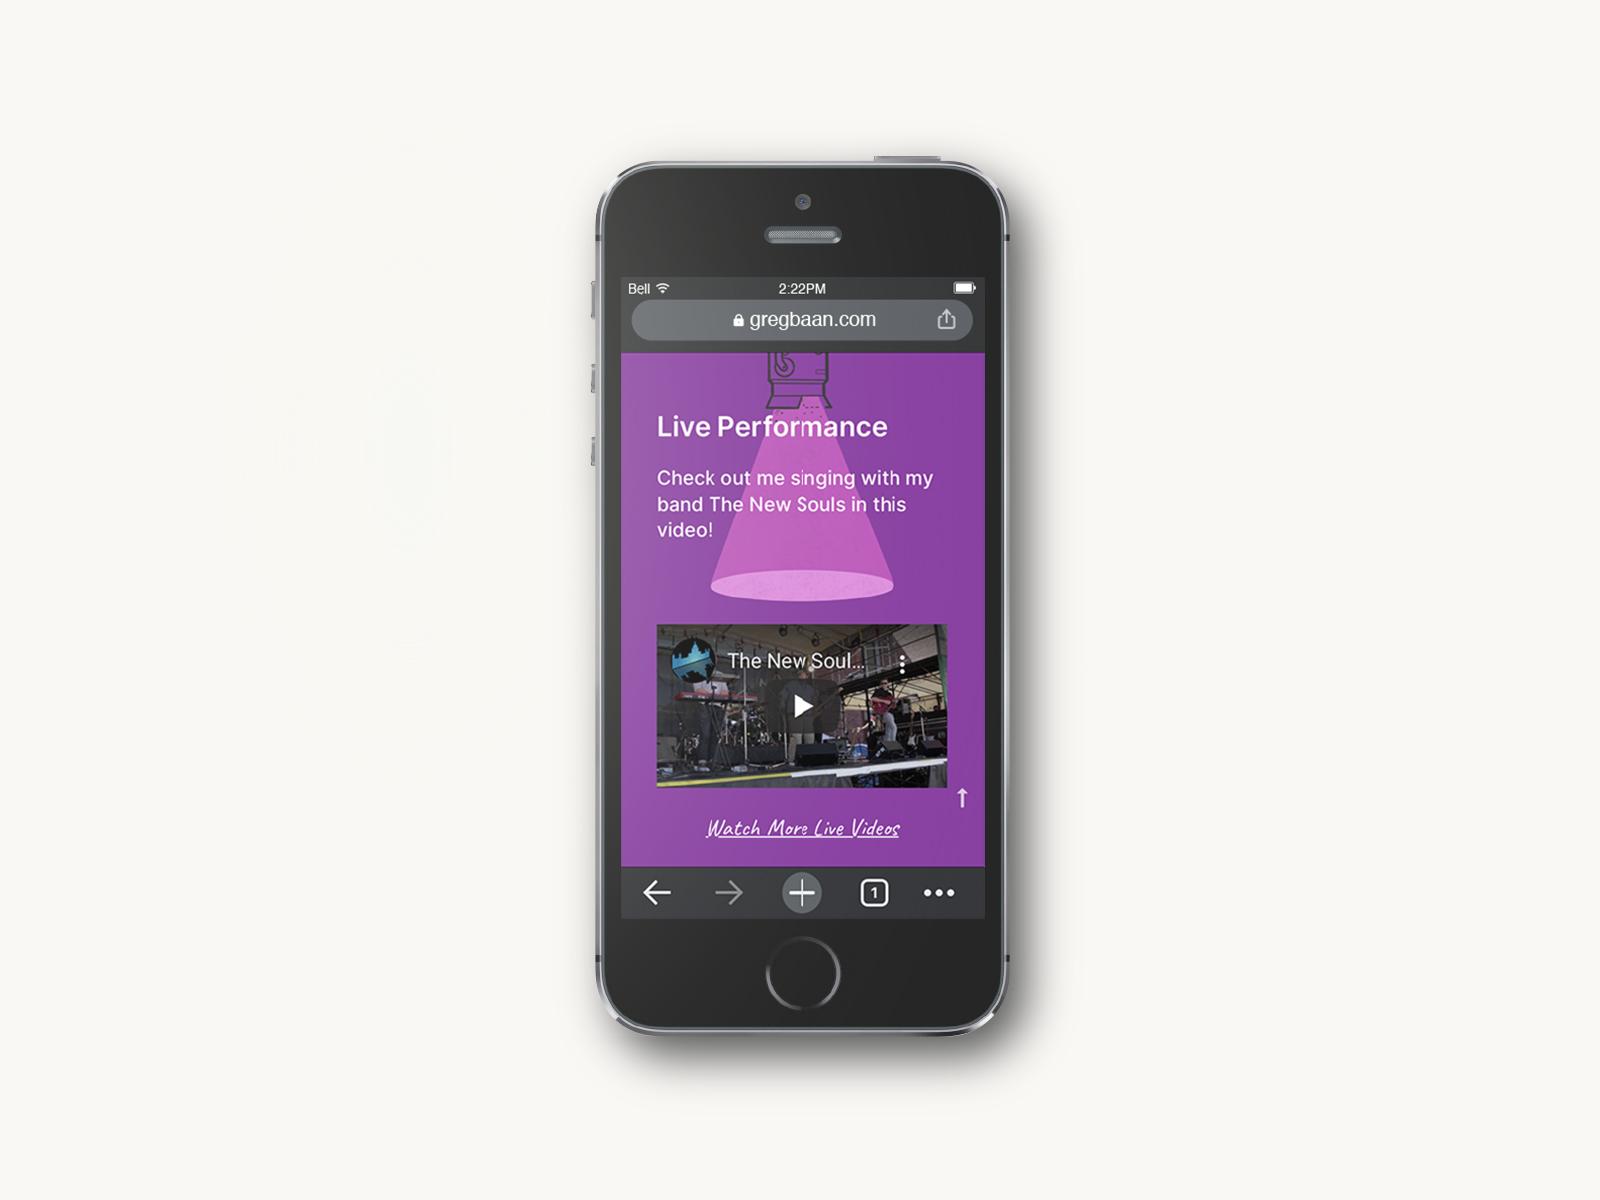 iphone five website design for greg baan .com